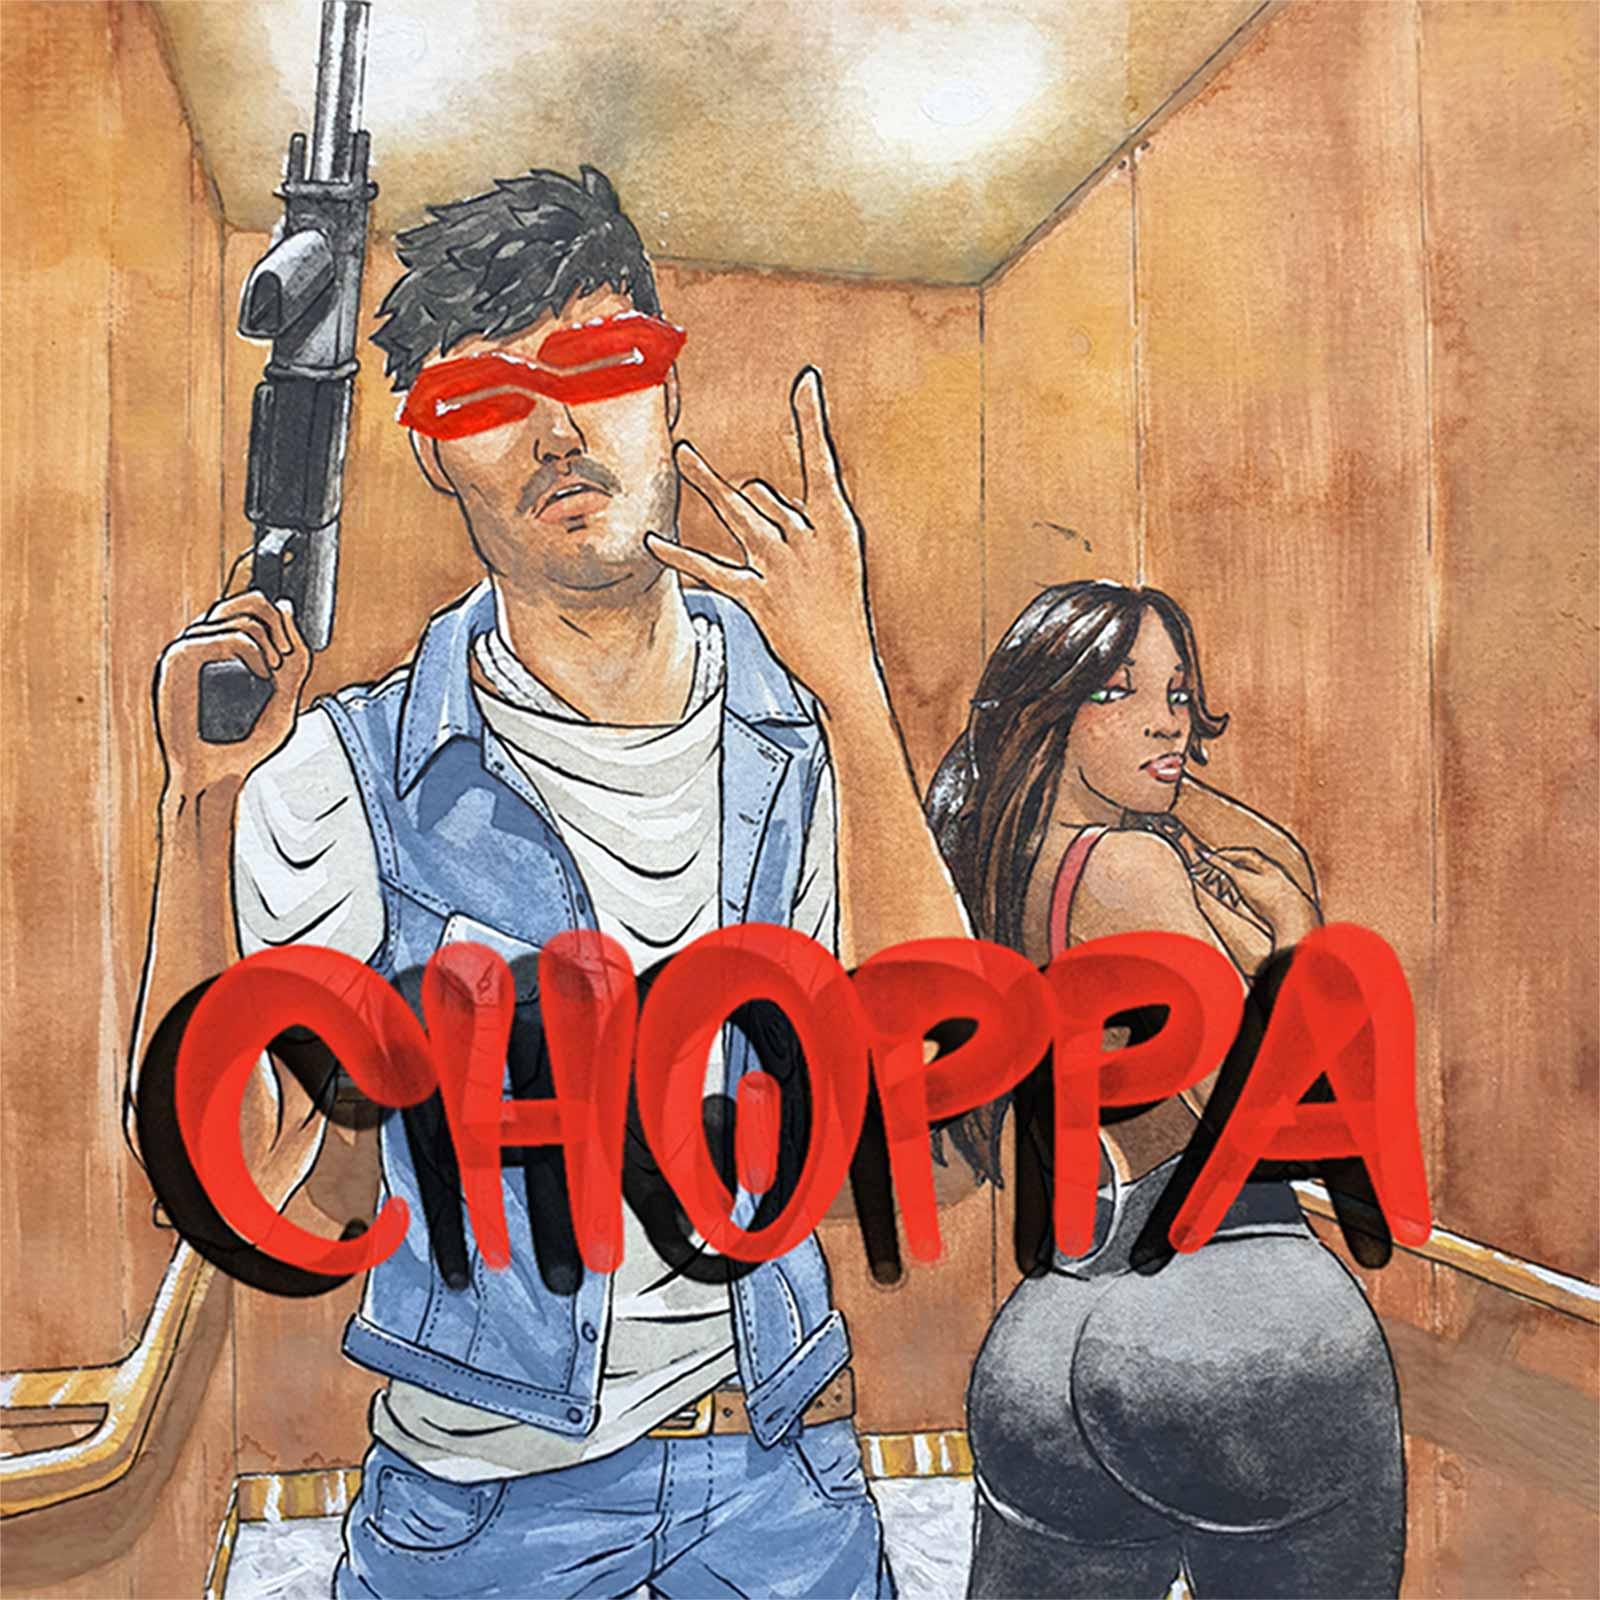 Upcoming: Barré - Choppa